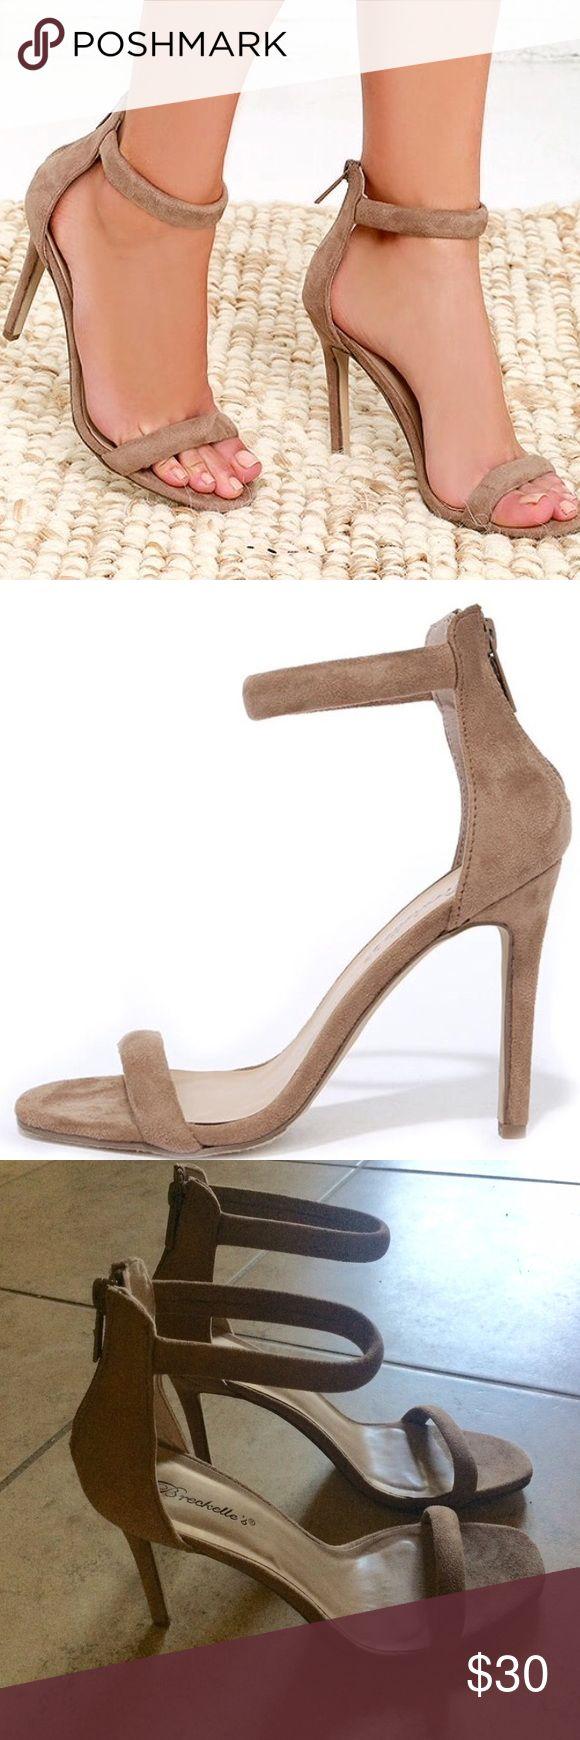 Beige Strappy Heels Beige, size 10 Breckelles Shoes Heels